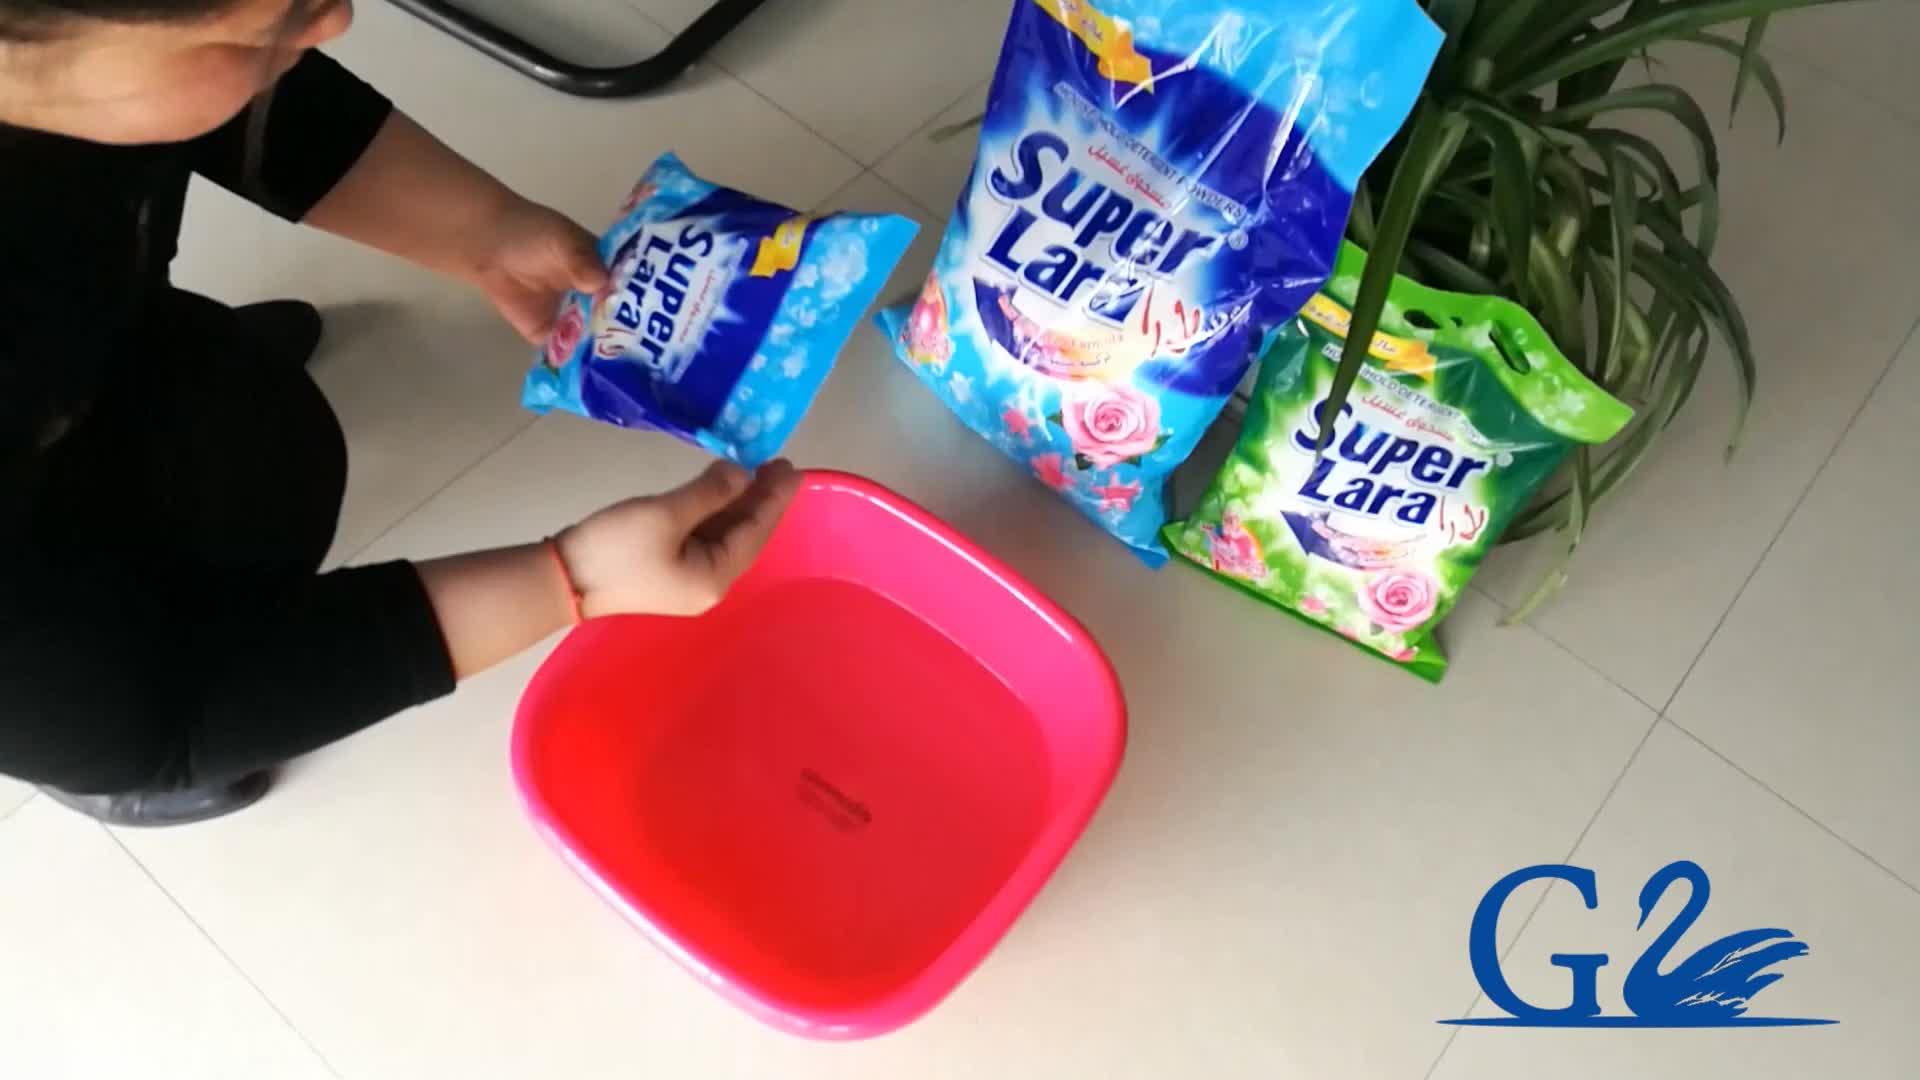 Bọt cao thương hiệu tên bột giặt enzyme giặt chất tẩy rửa bột